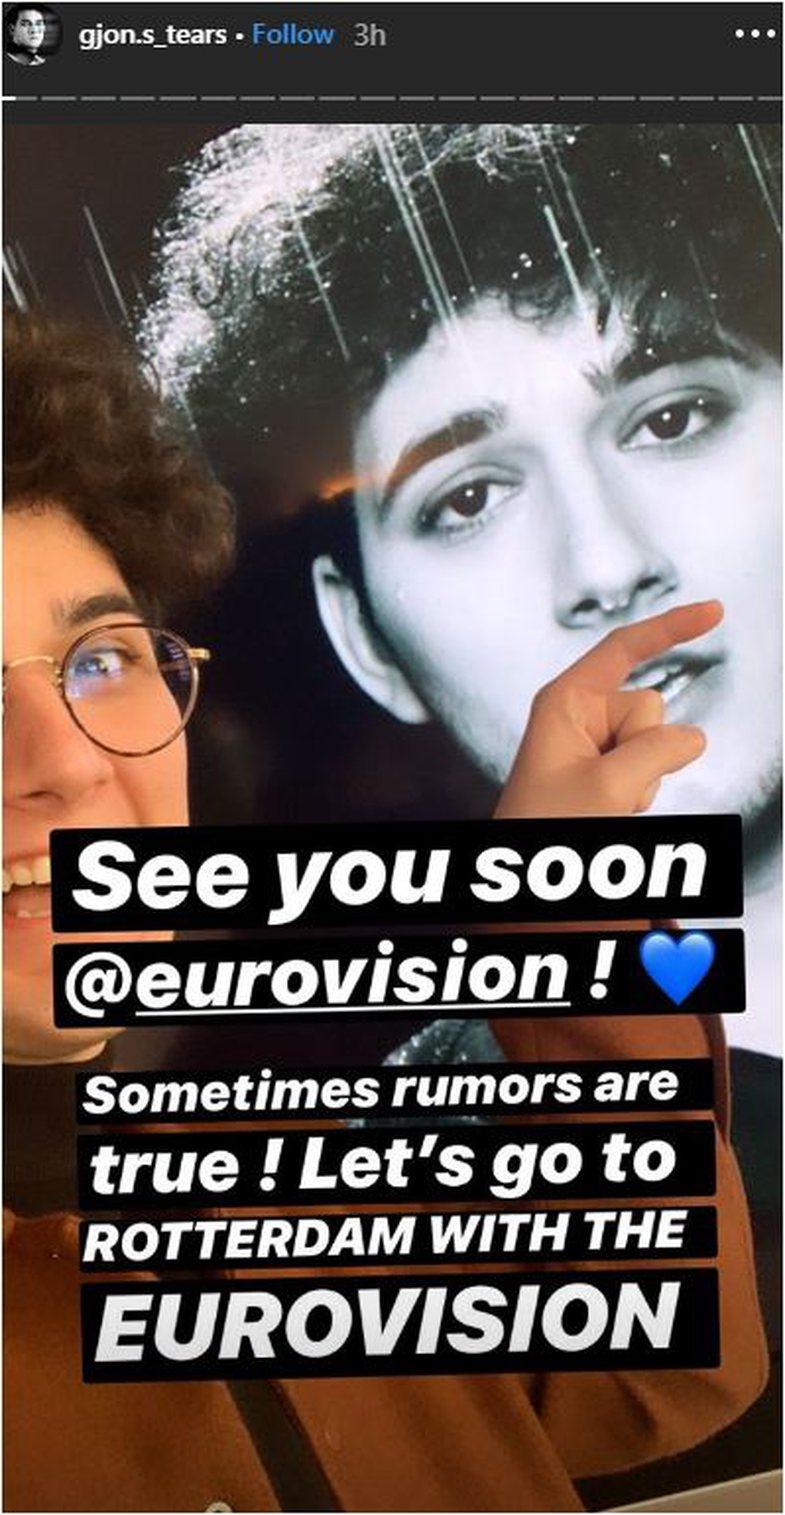 Historia përsëritet: 2 shqiptarë në Eurovision